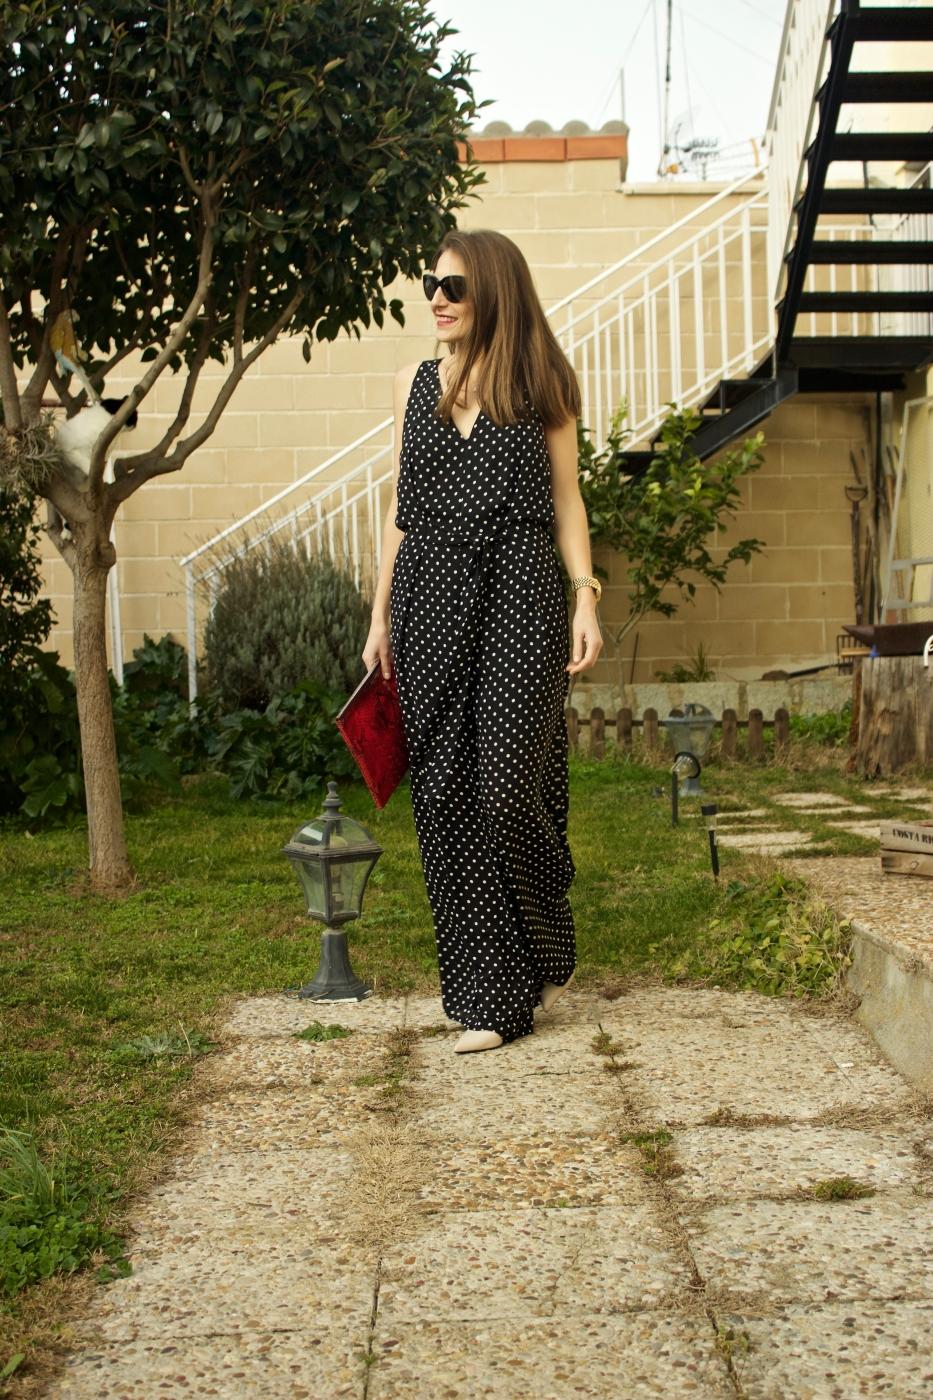 lara-vazquez-madlula-fashionblog-moda-streetstyle-style-chic-look-ootd